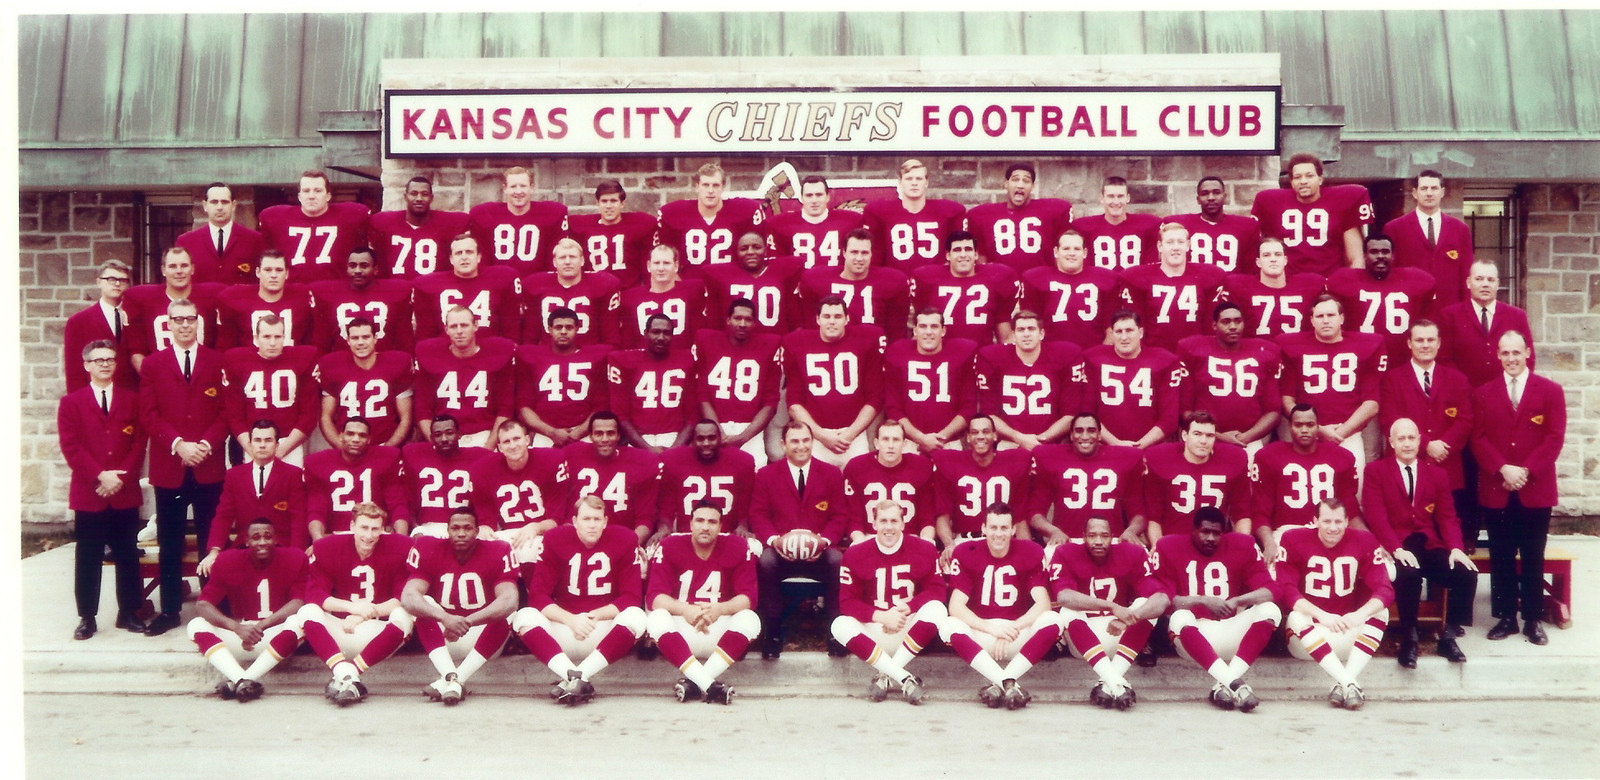 1967 kansas city chiefs season the 1967 kansas city chiefs season